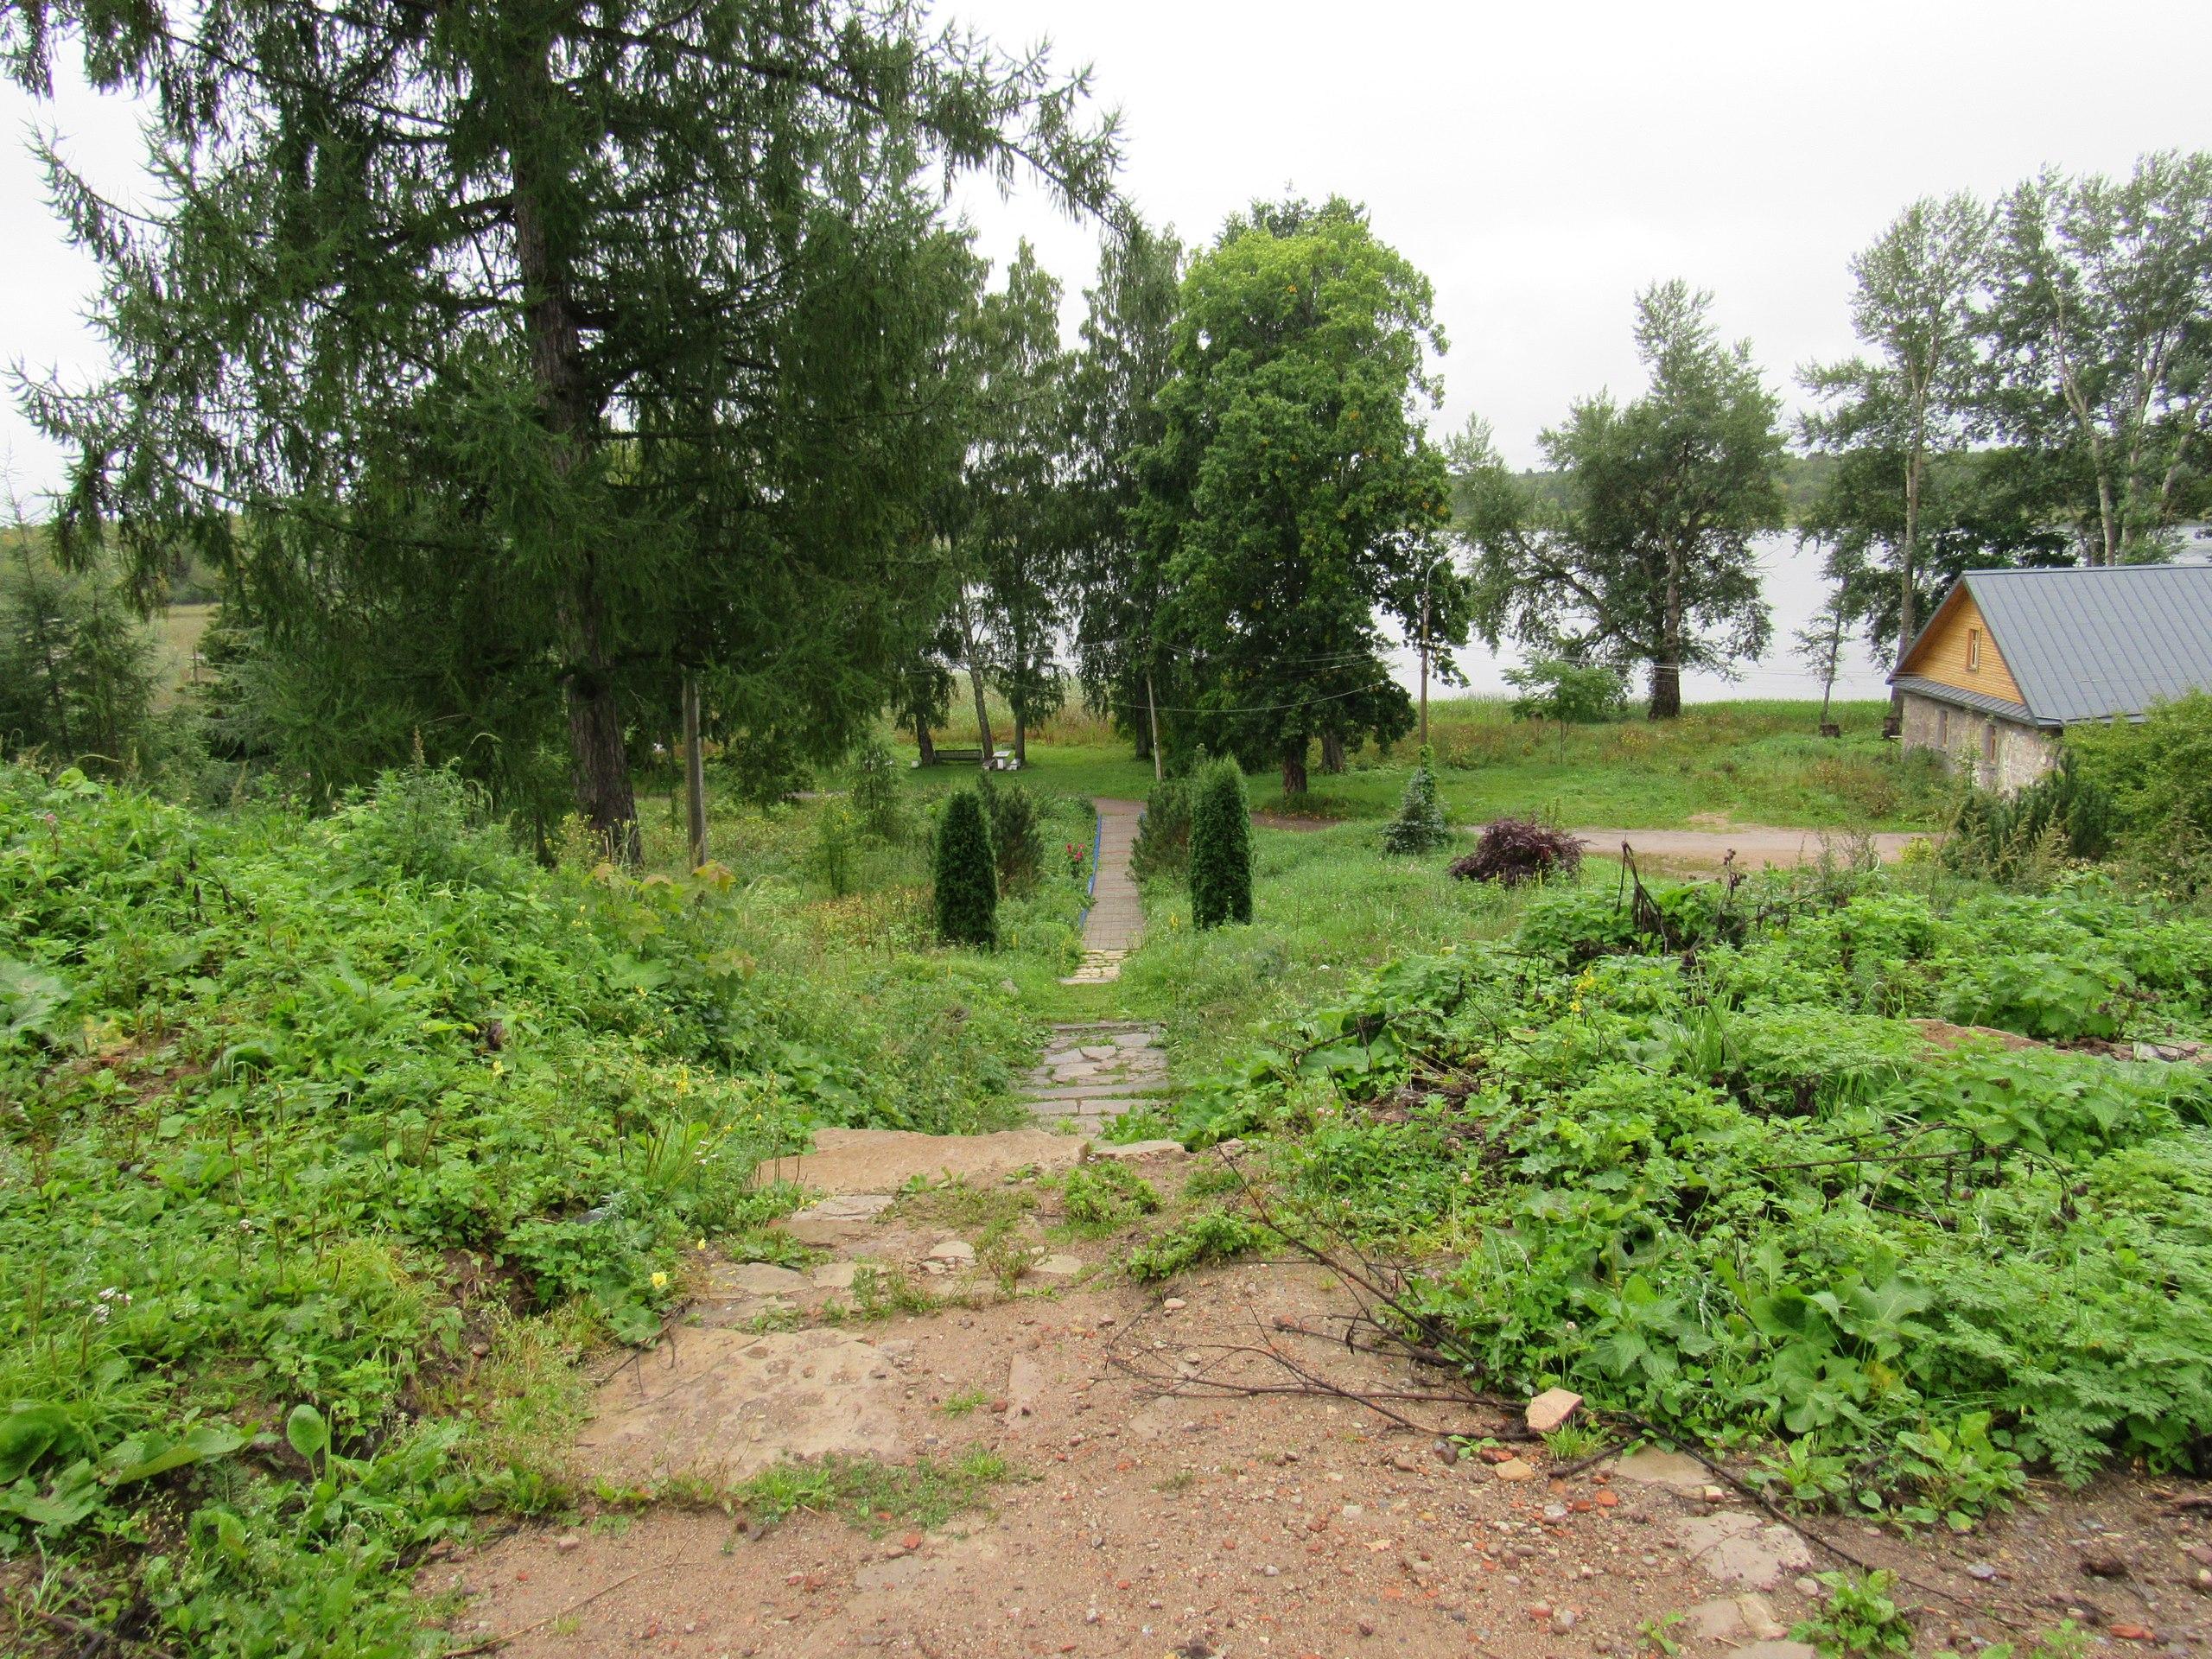 7 сентября 2017 года экскурсионная группа из общества инвалидов Коммунара и нашего фонда ездила в паломническую поездку в Череменецкий Иоанно -богословский мужской монастырь.